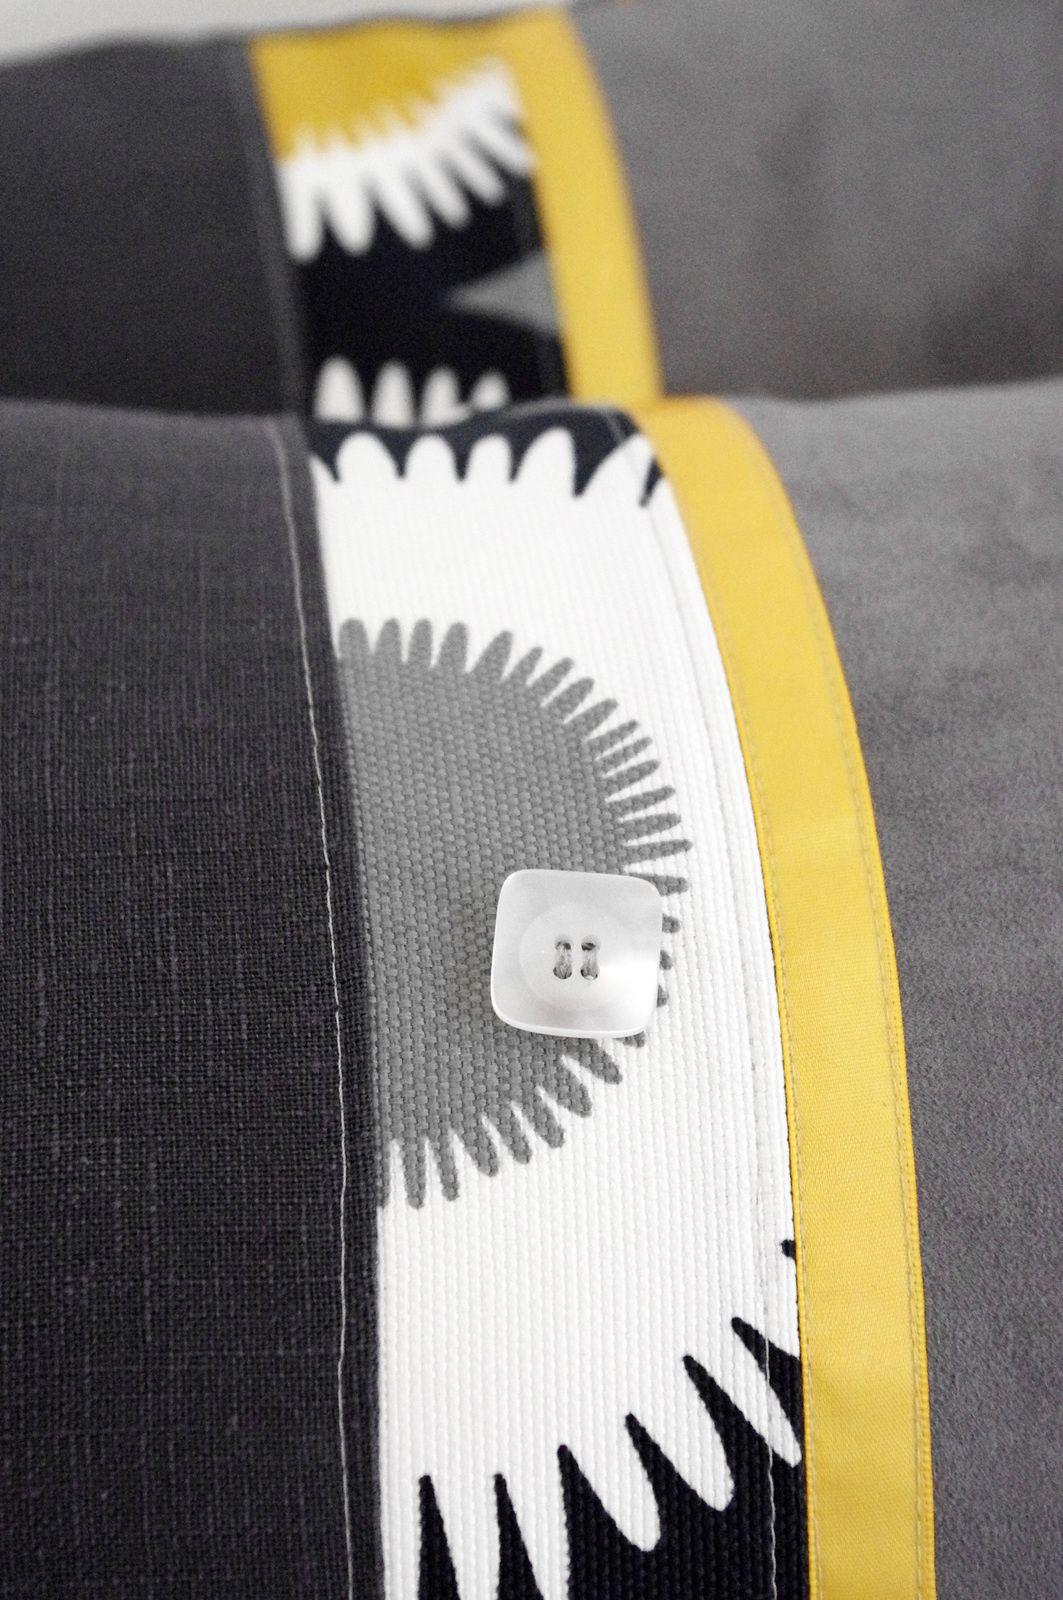 coussins boh mes jaunes et gris l 39 abracadabroc. Black Bedroom Furniture Sets. Home Design Ideas